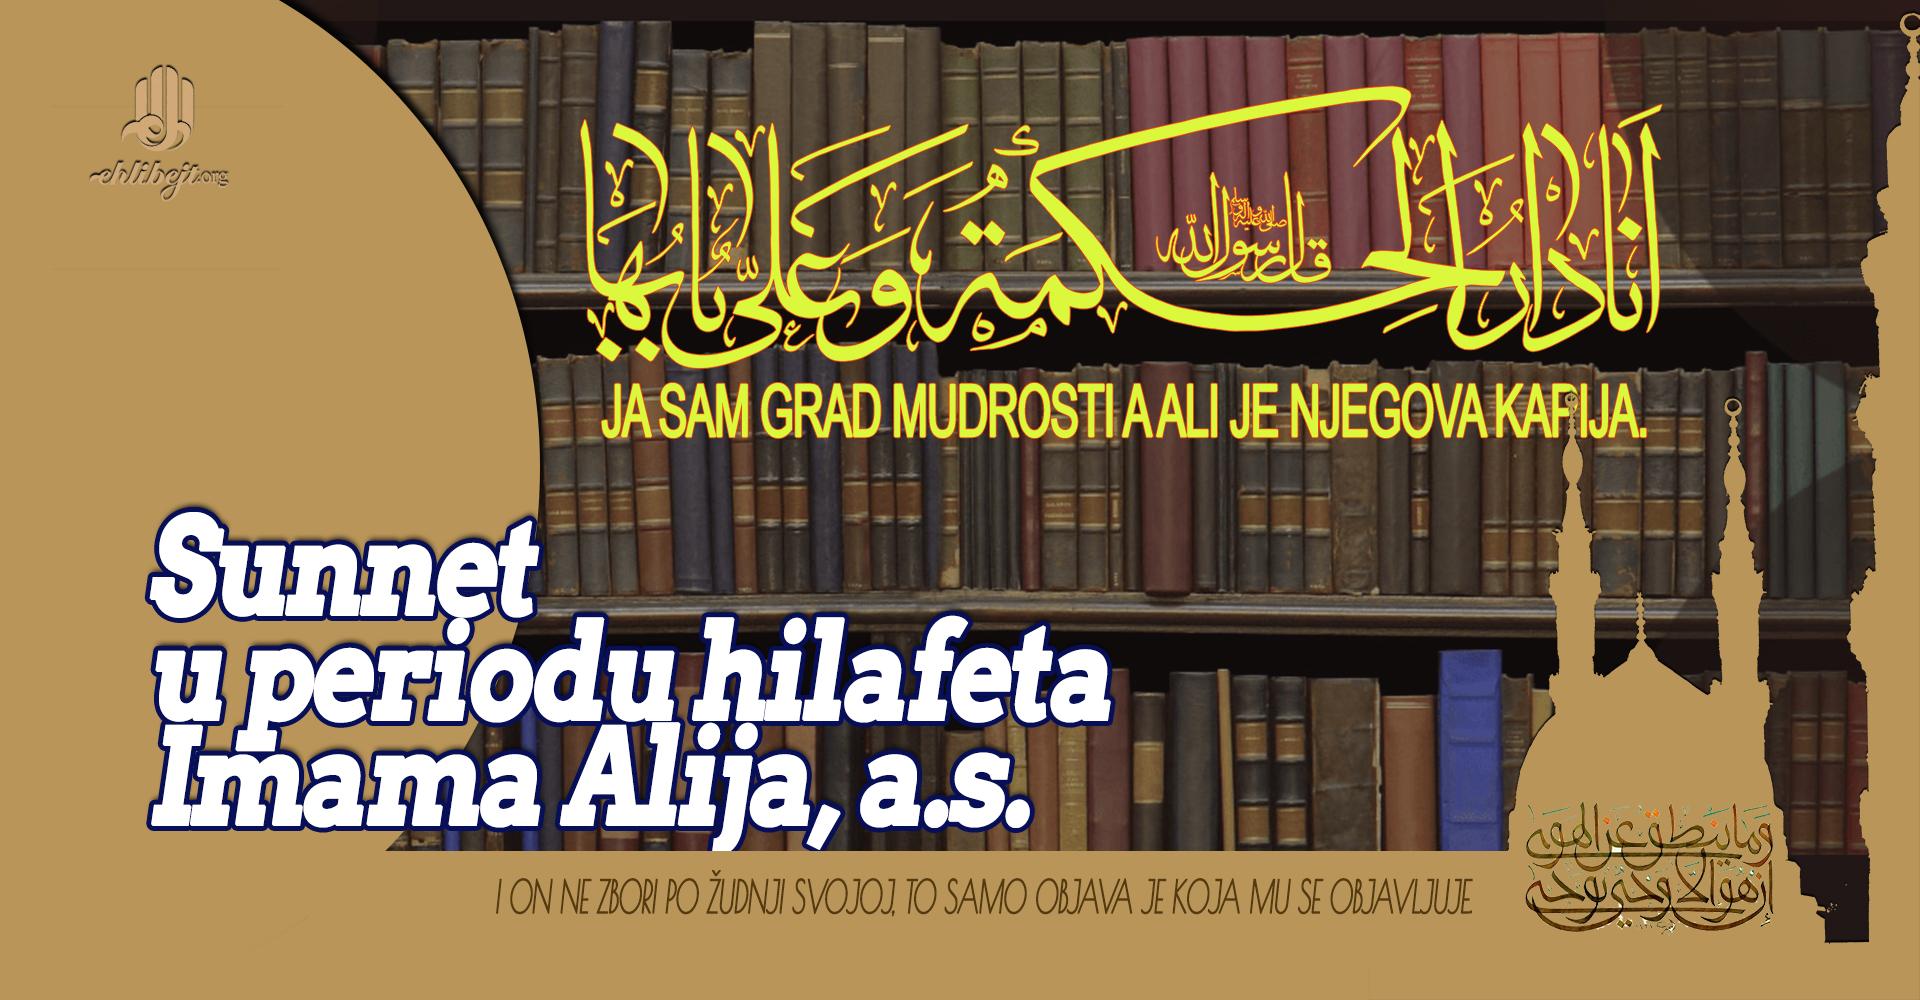 Sunnet u periodu hilafeta Imama Alija, a.s.